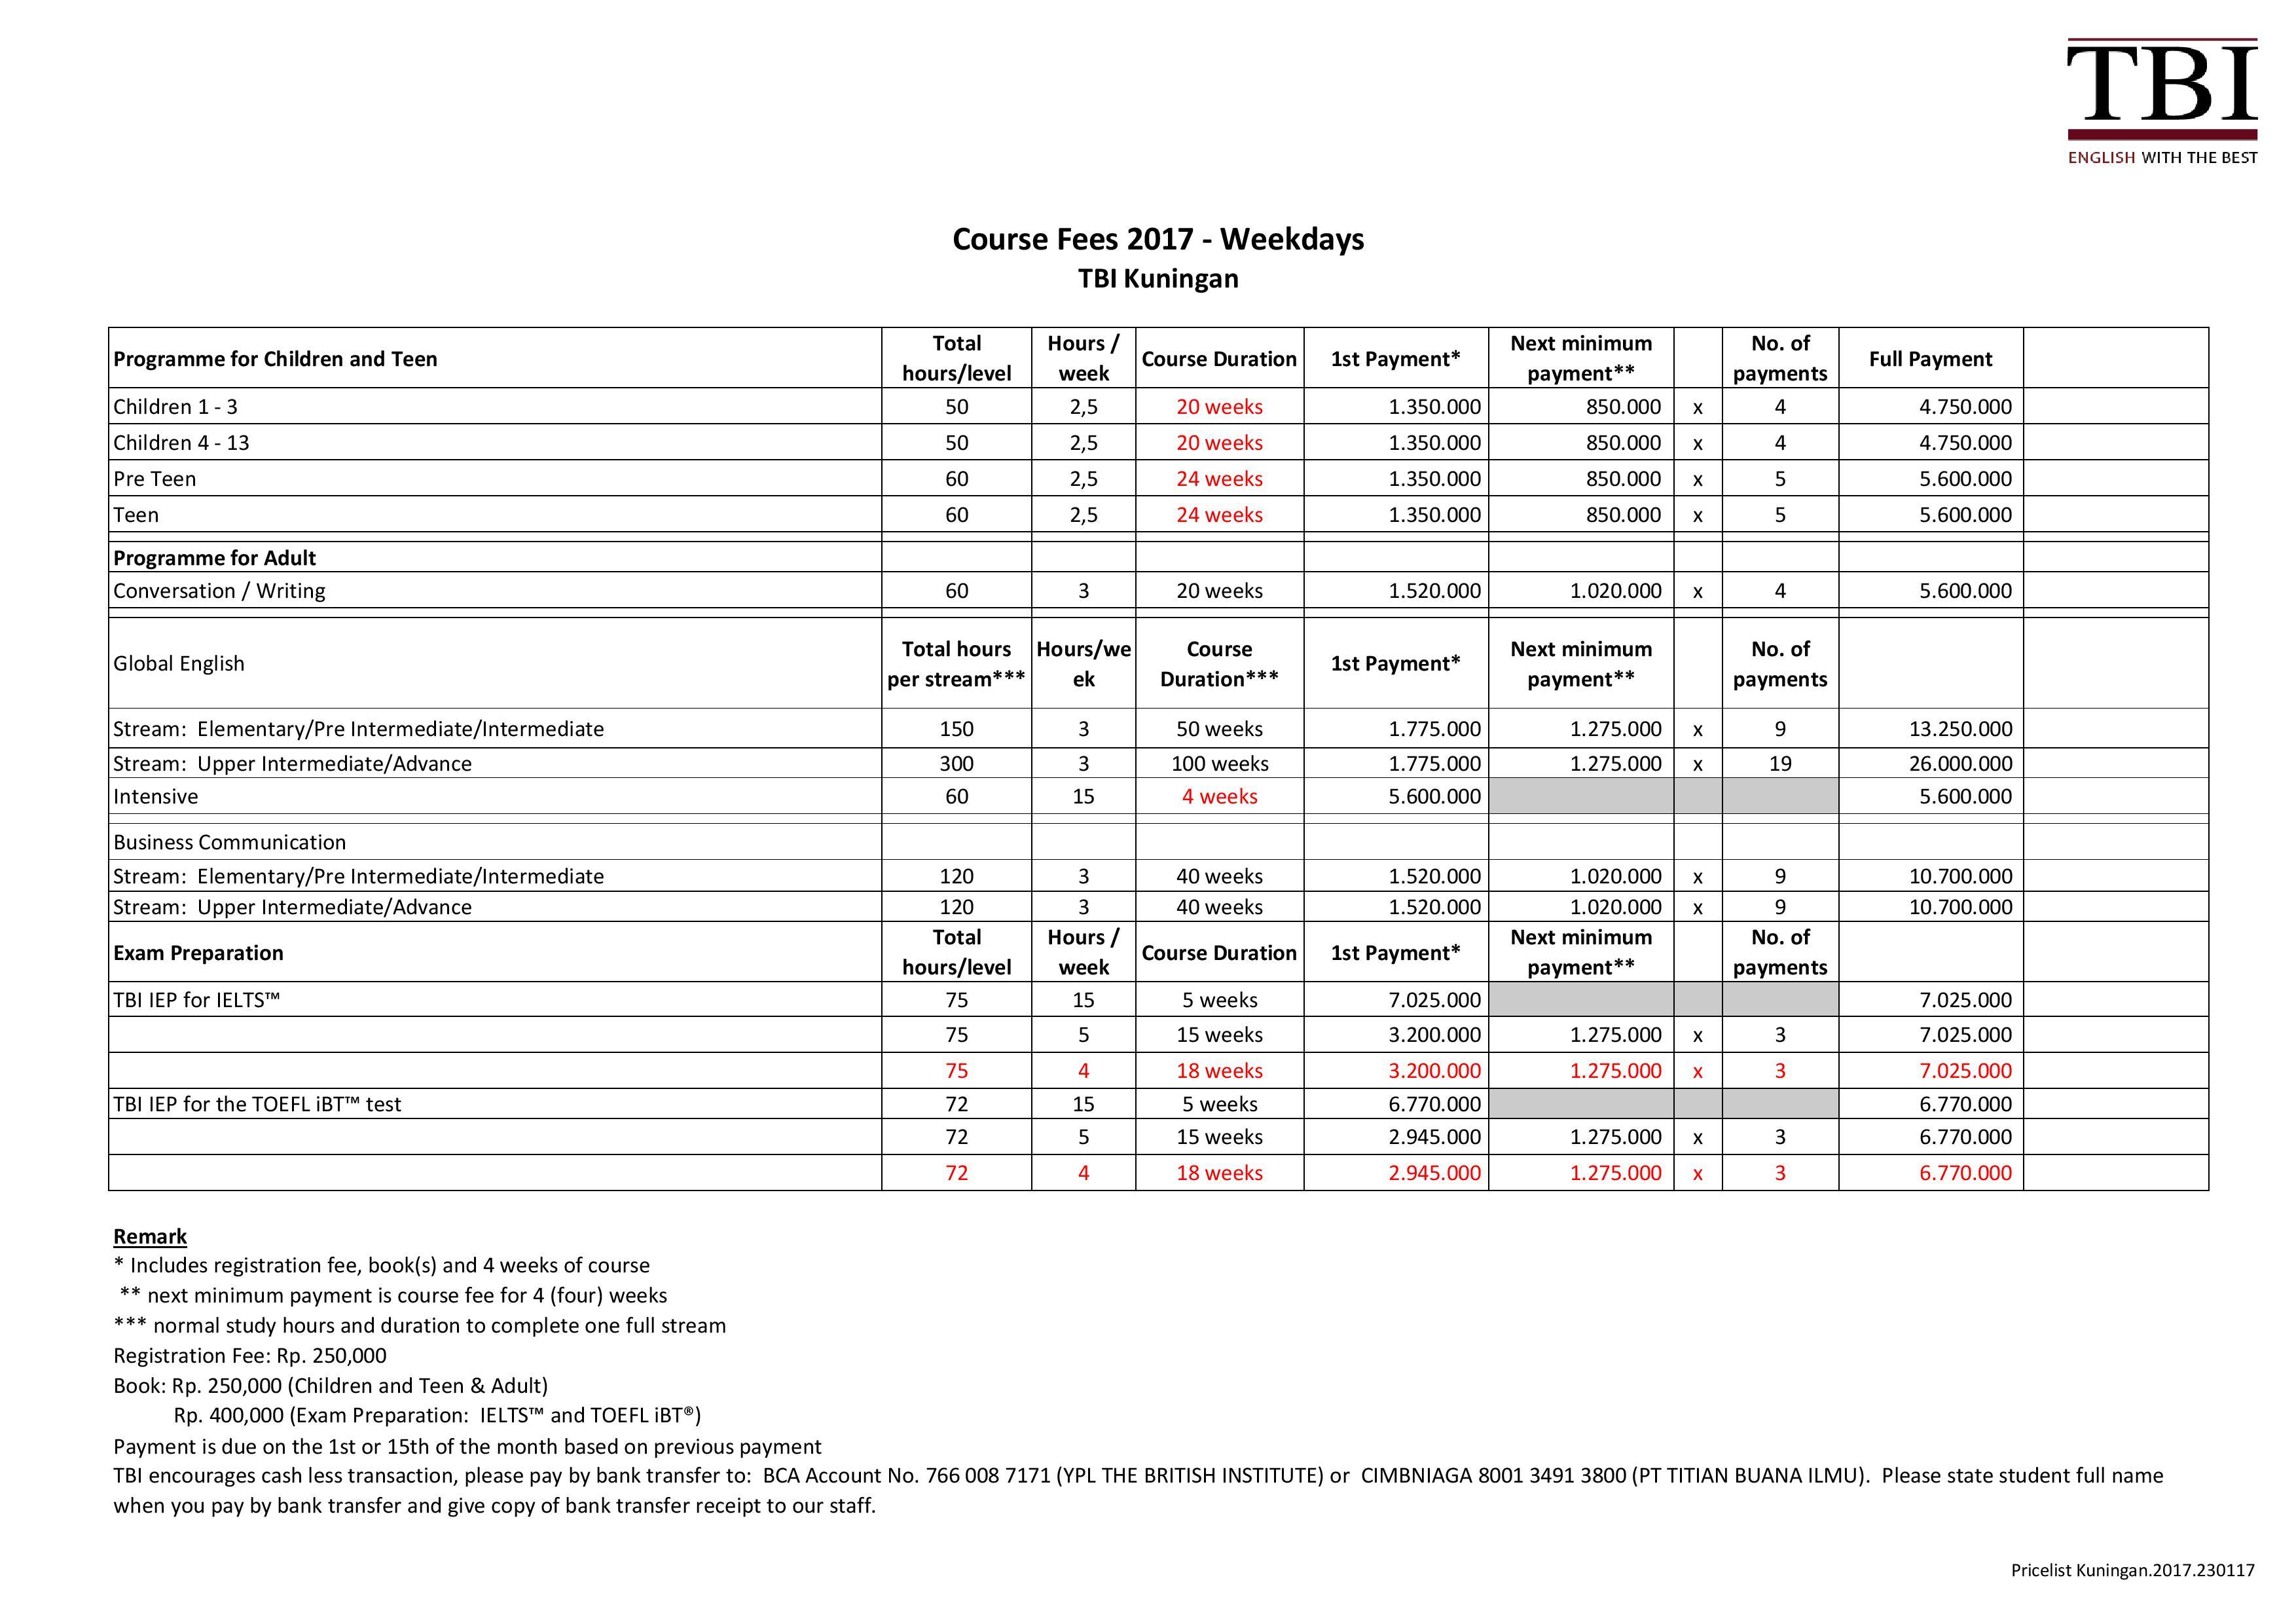 (REV) -[Update] Harga biaya kursus TBI Pic 1